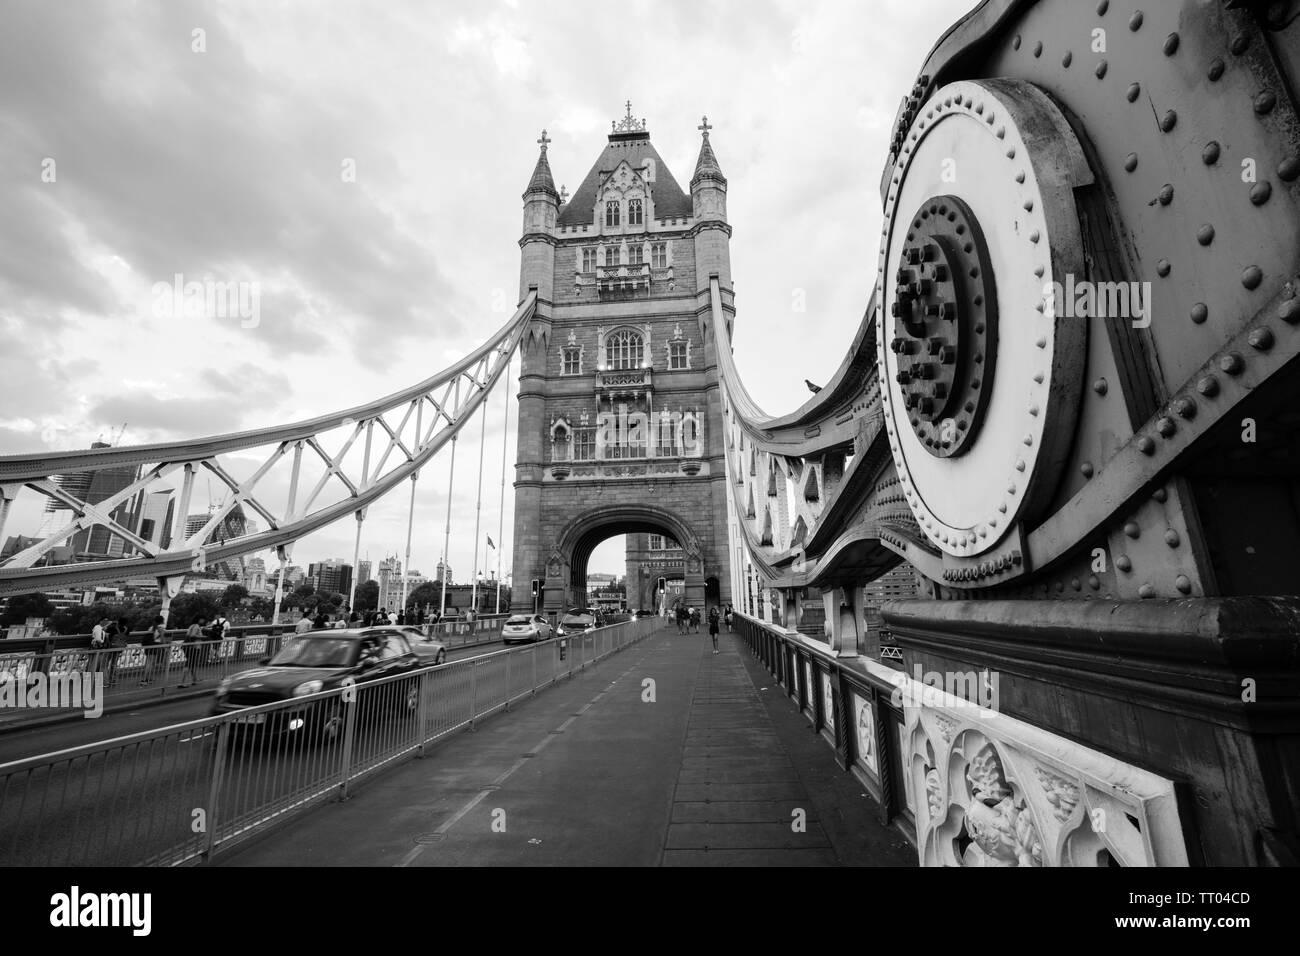 One of London's iconic landmarks - Stock Image